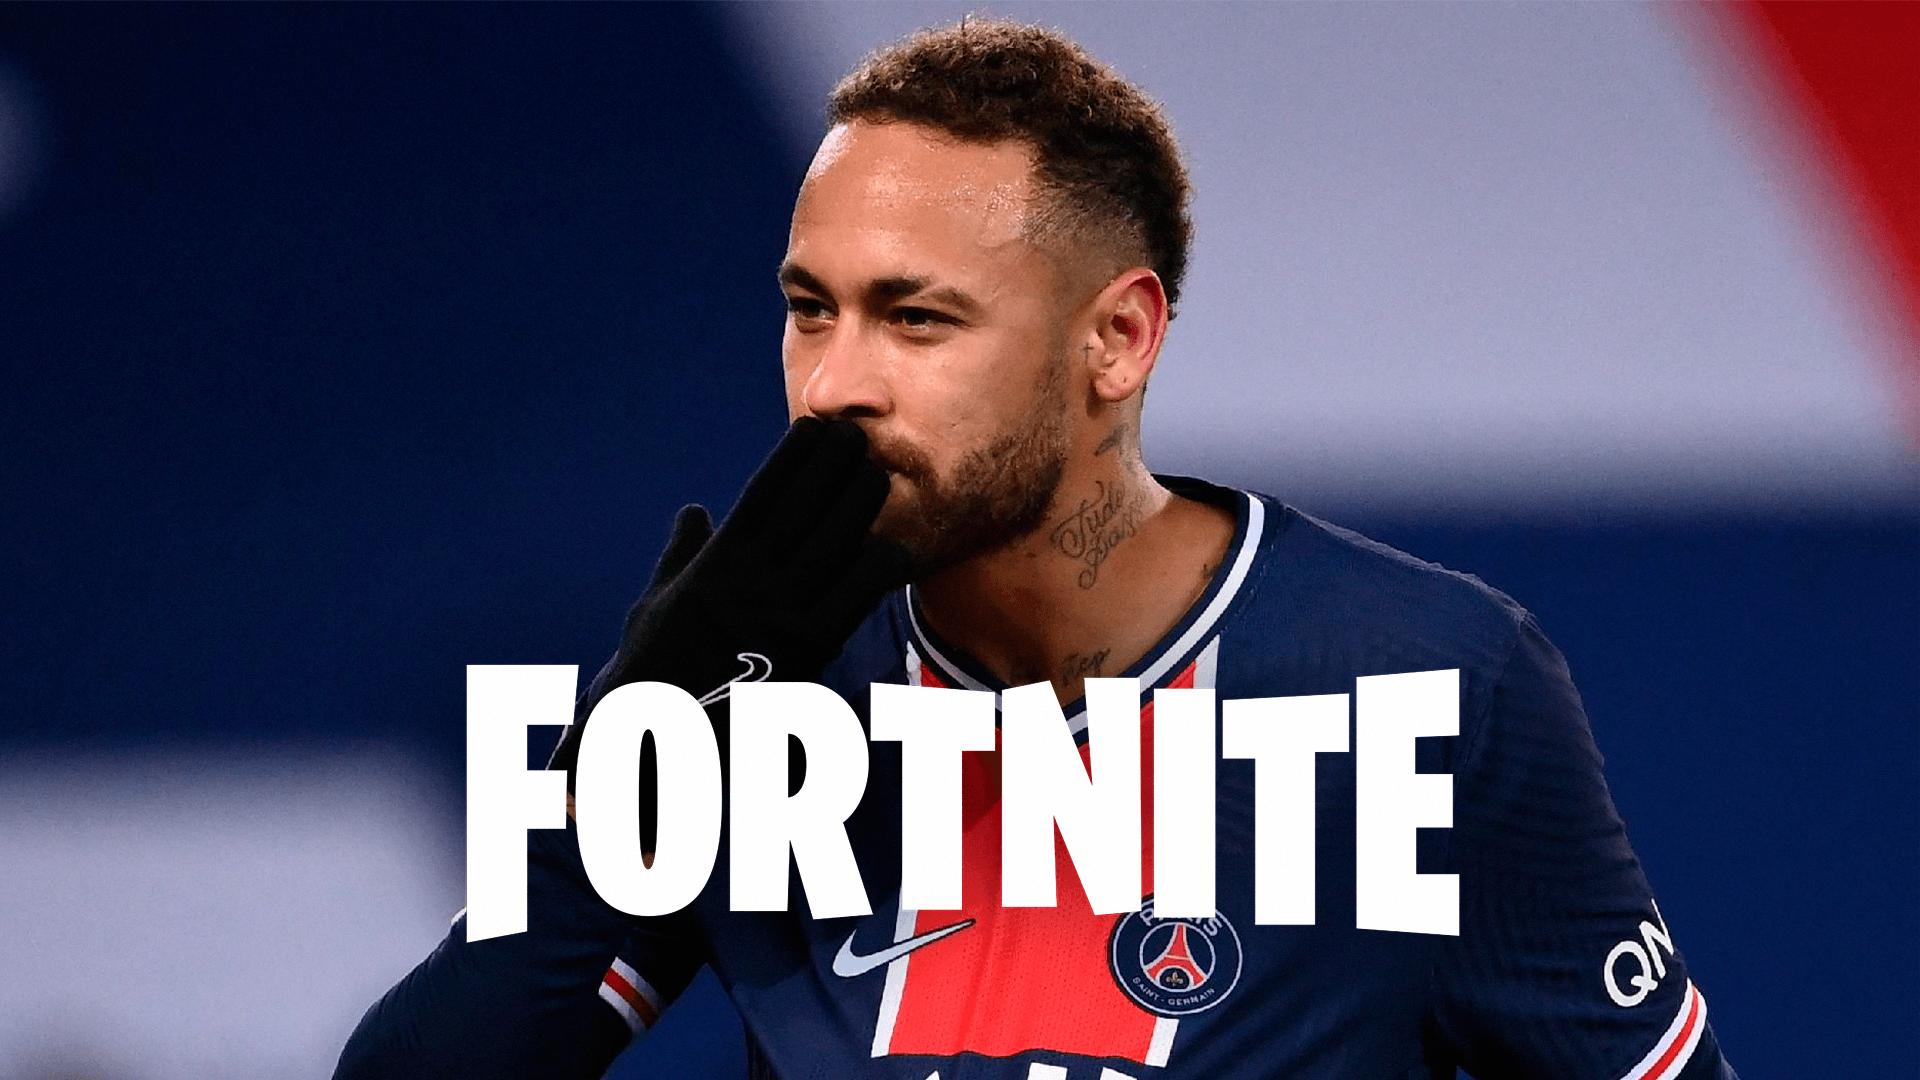 Neymar pode estar chegando na nova temporada do Fortnite Battle Royale pelo menos é isso que indica o perfil oficial do Fortnite Brasileiro.